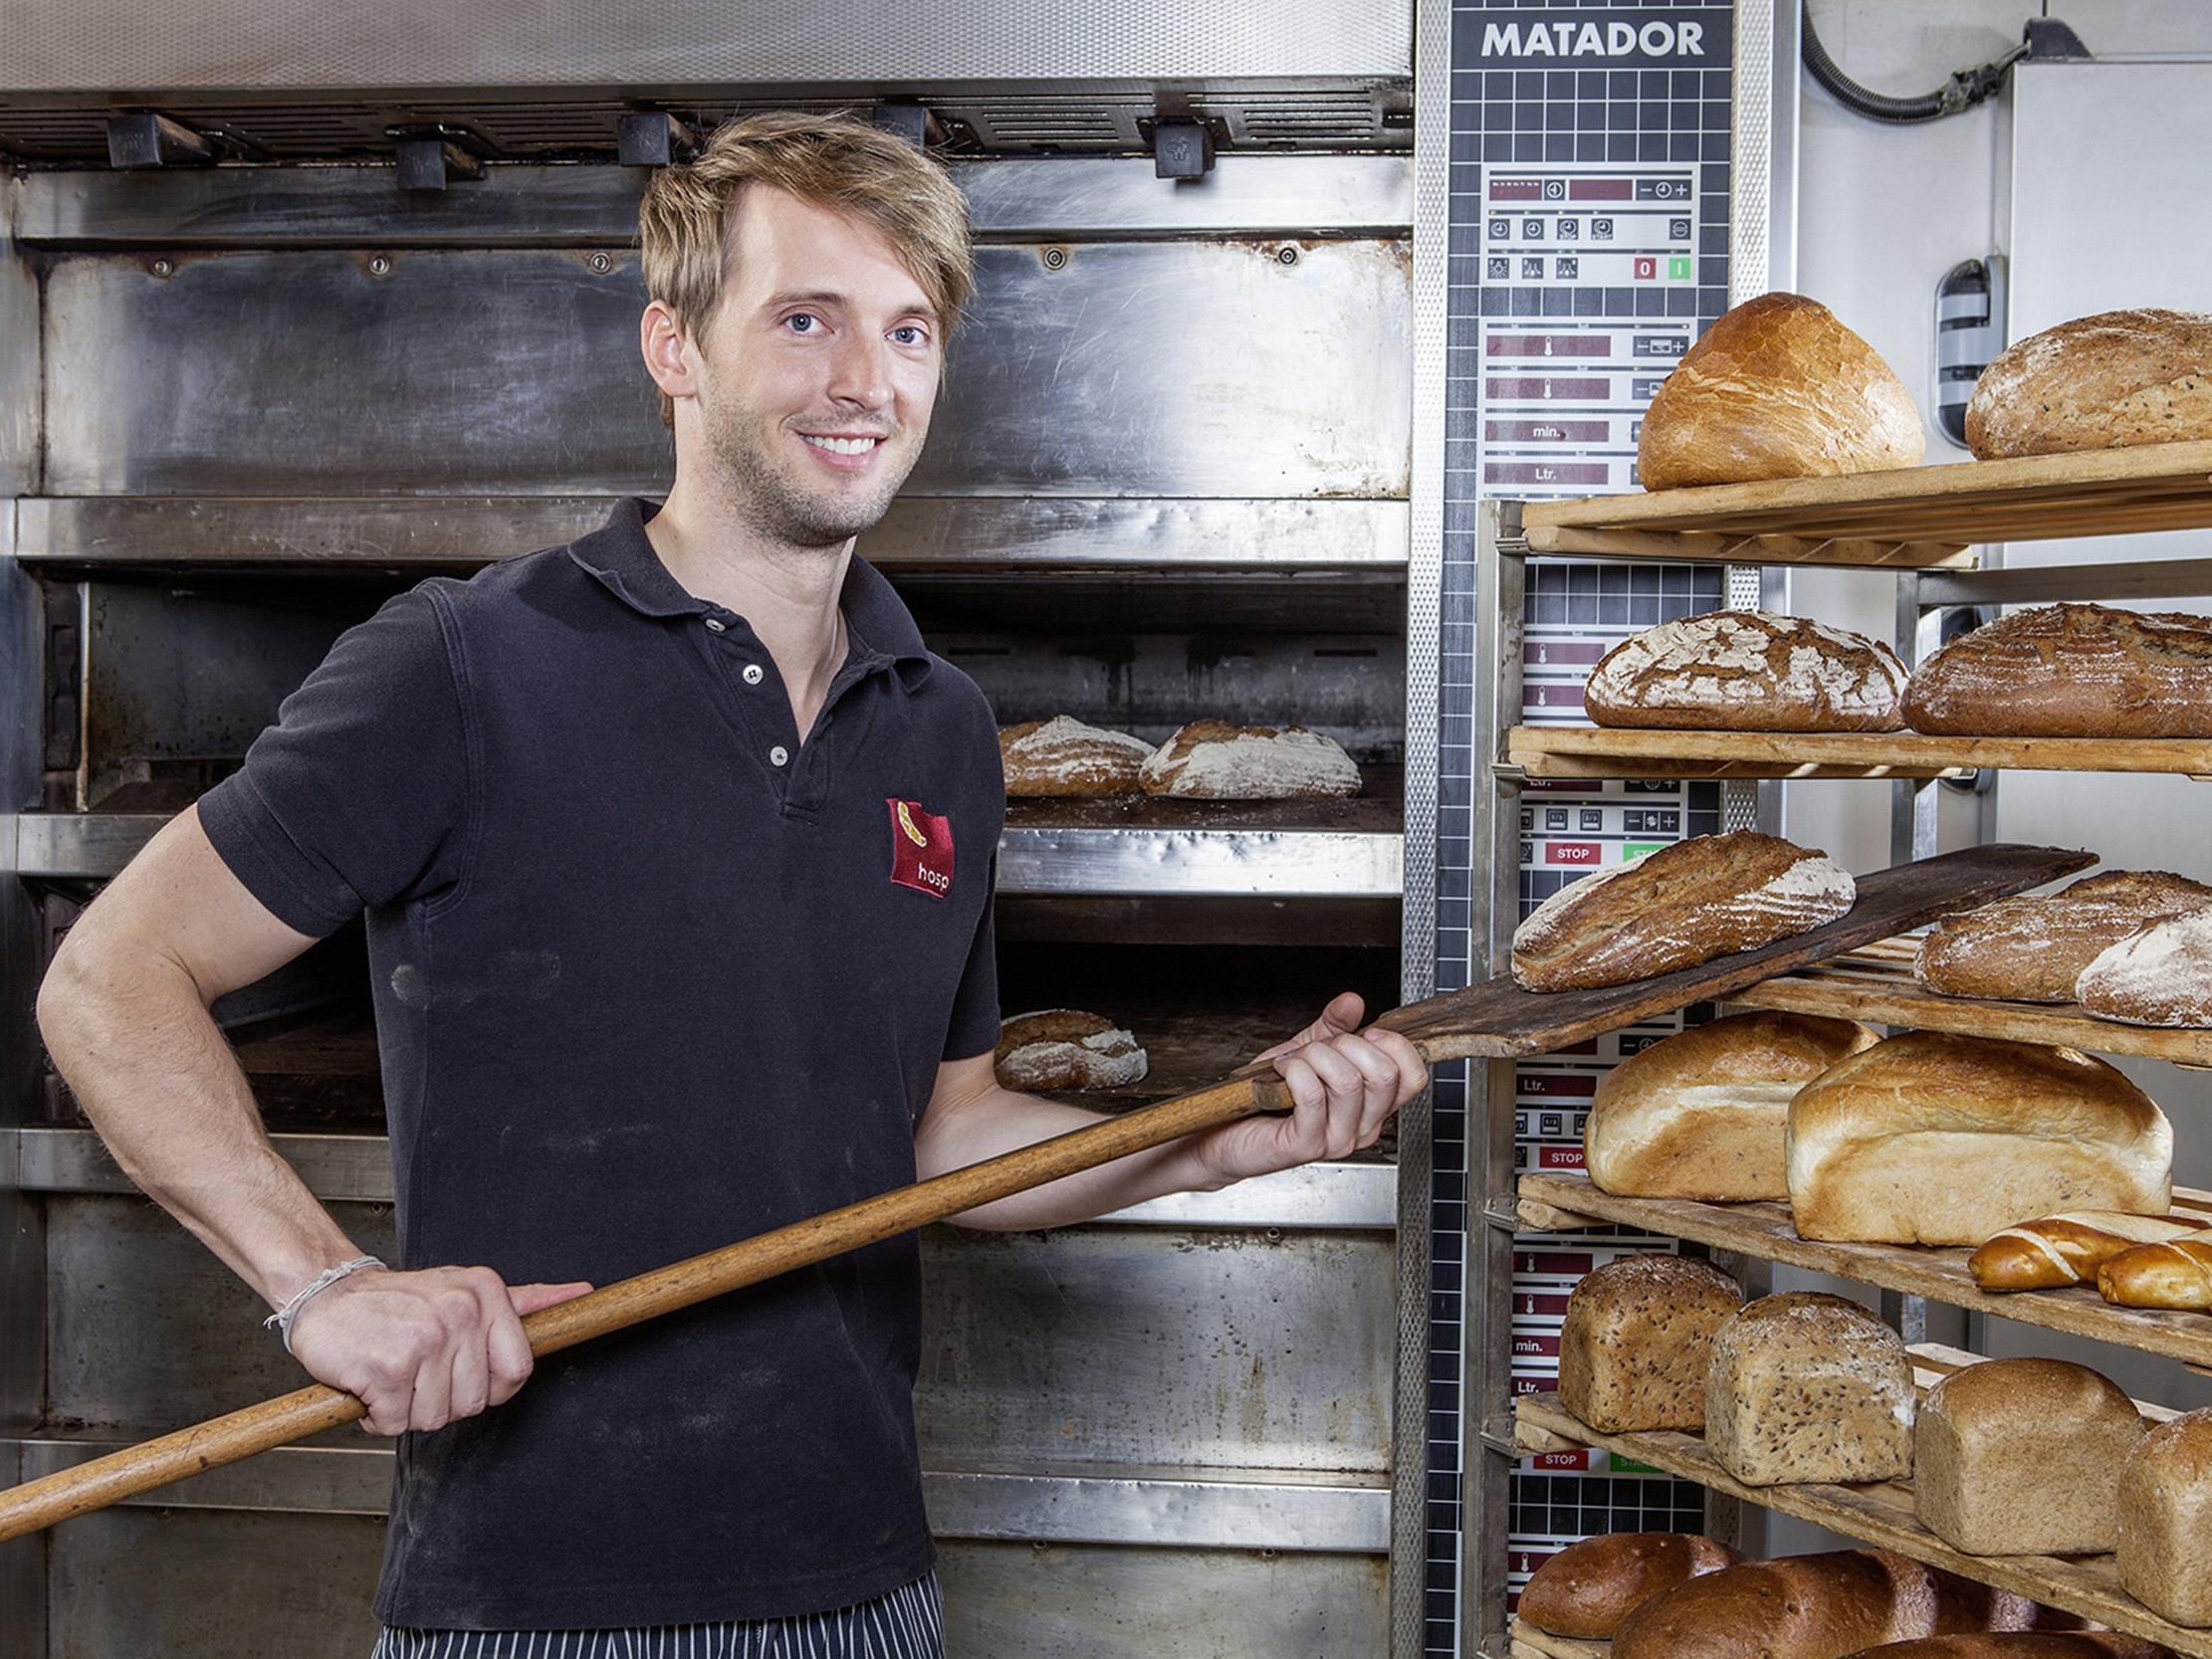 Die Bäcker im Ländle erhalten die Vielfalt der Brotspezialitäten und deren Tradition. So wie die Partner-Bäckerei Martin Hosp in Frastanz.